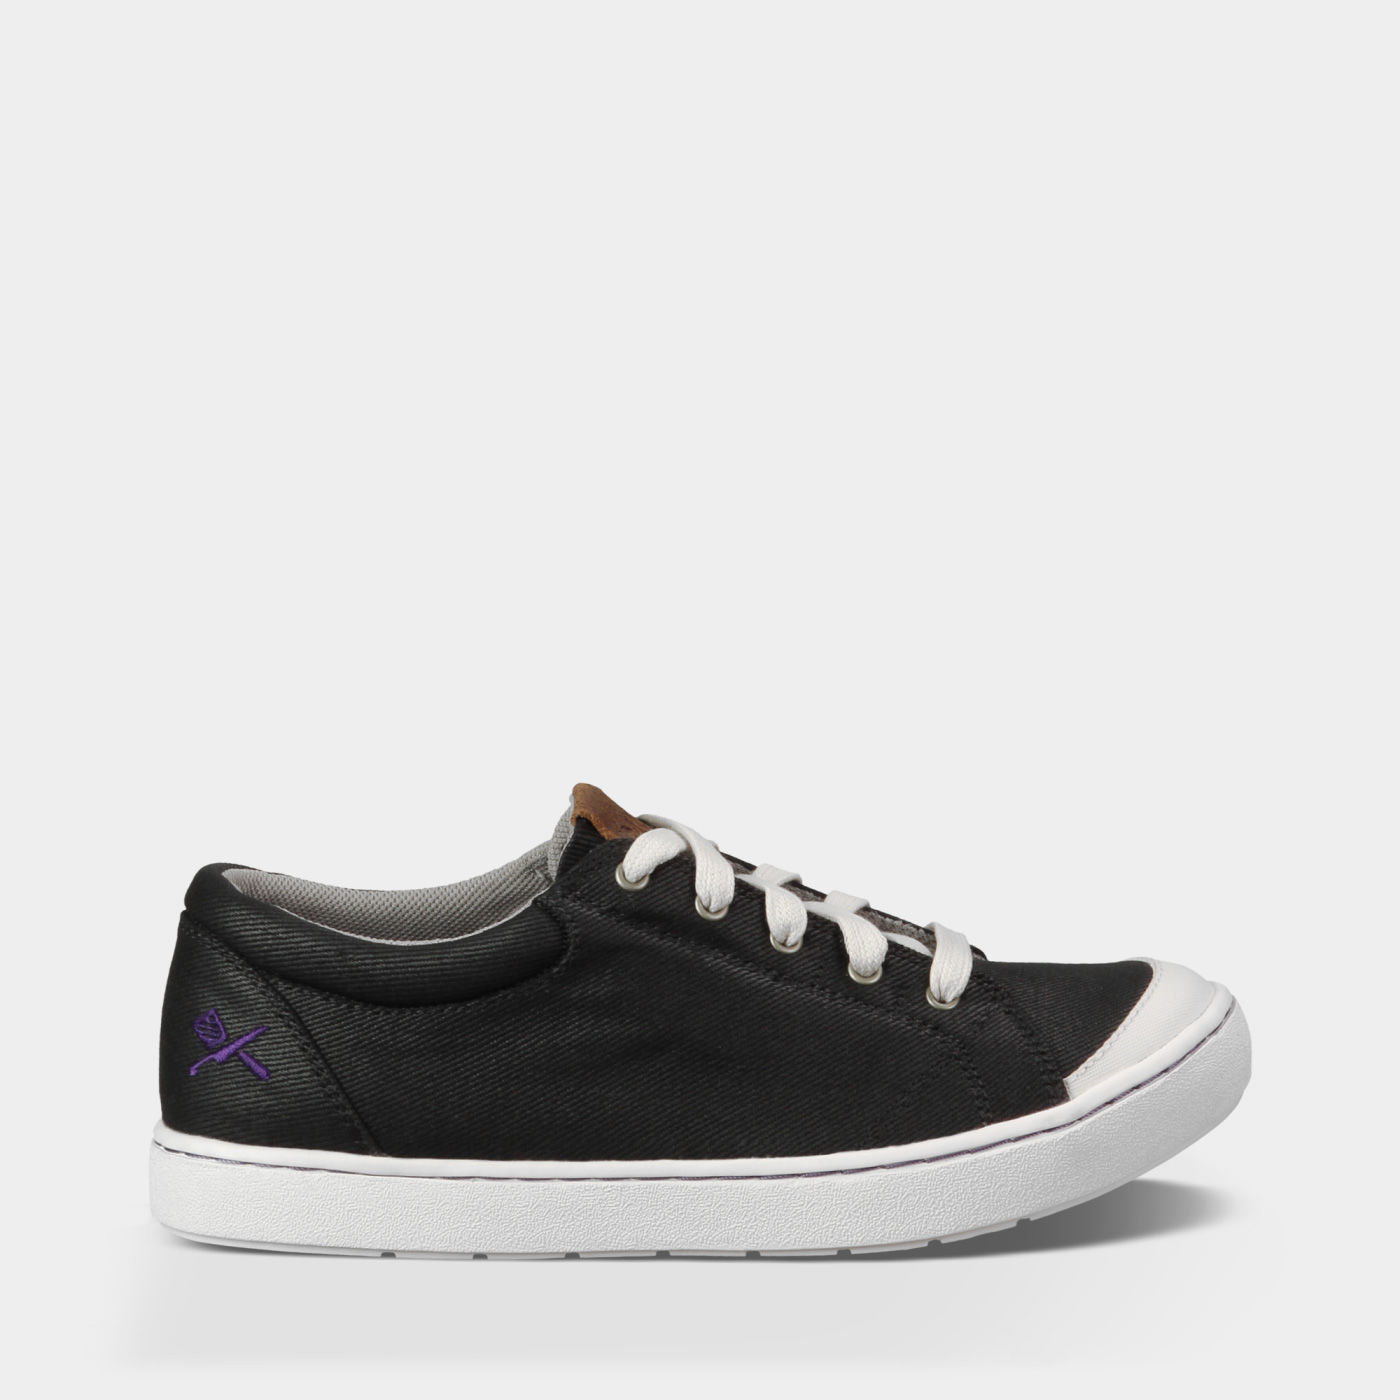 mozo 3738 bkw 7 s maven canvas shoes slip resistant